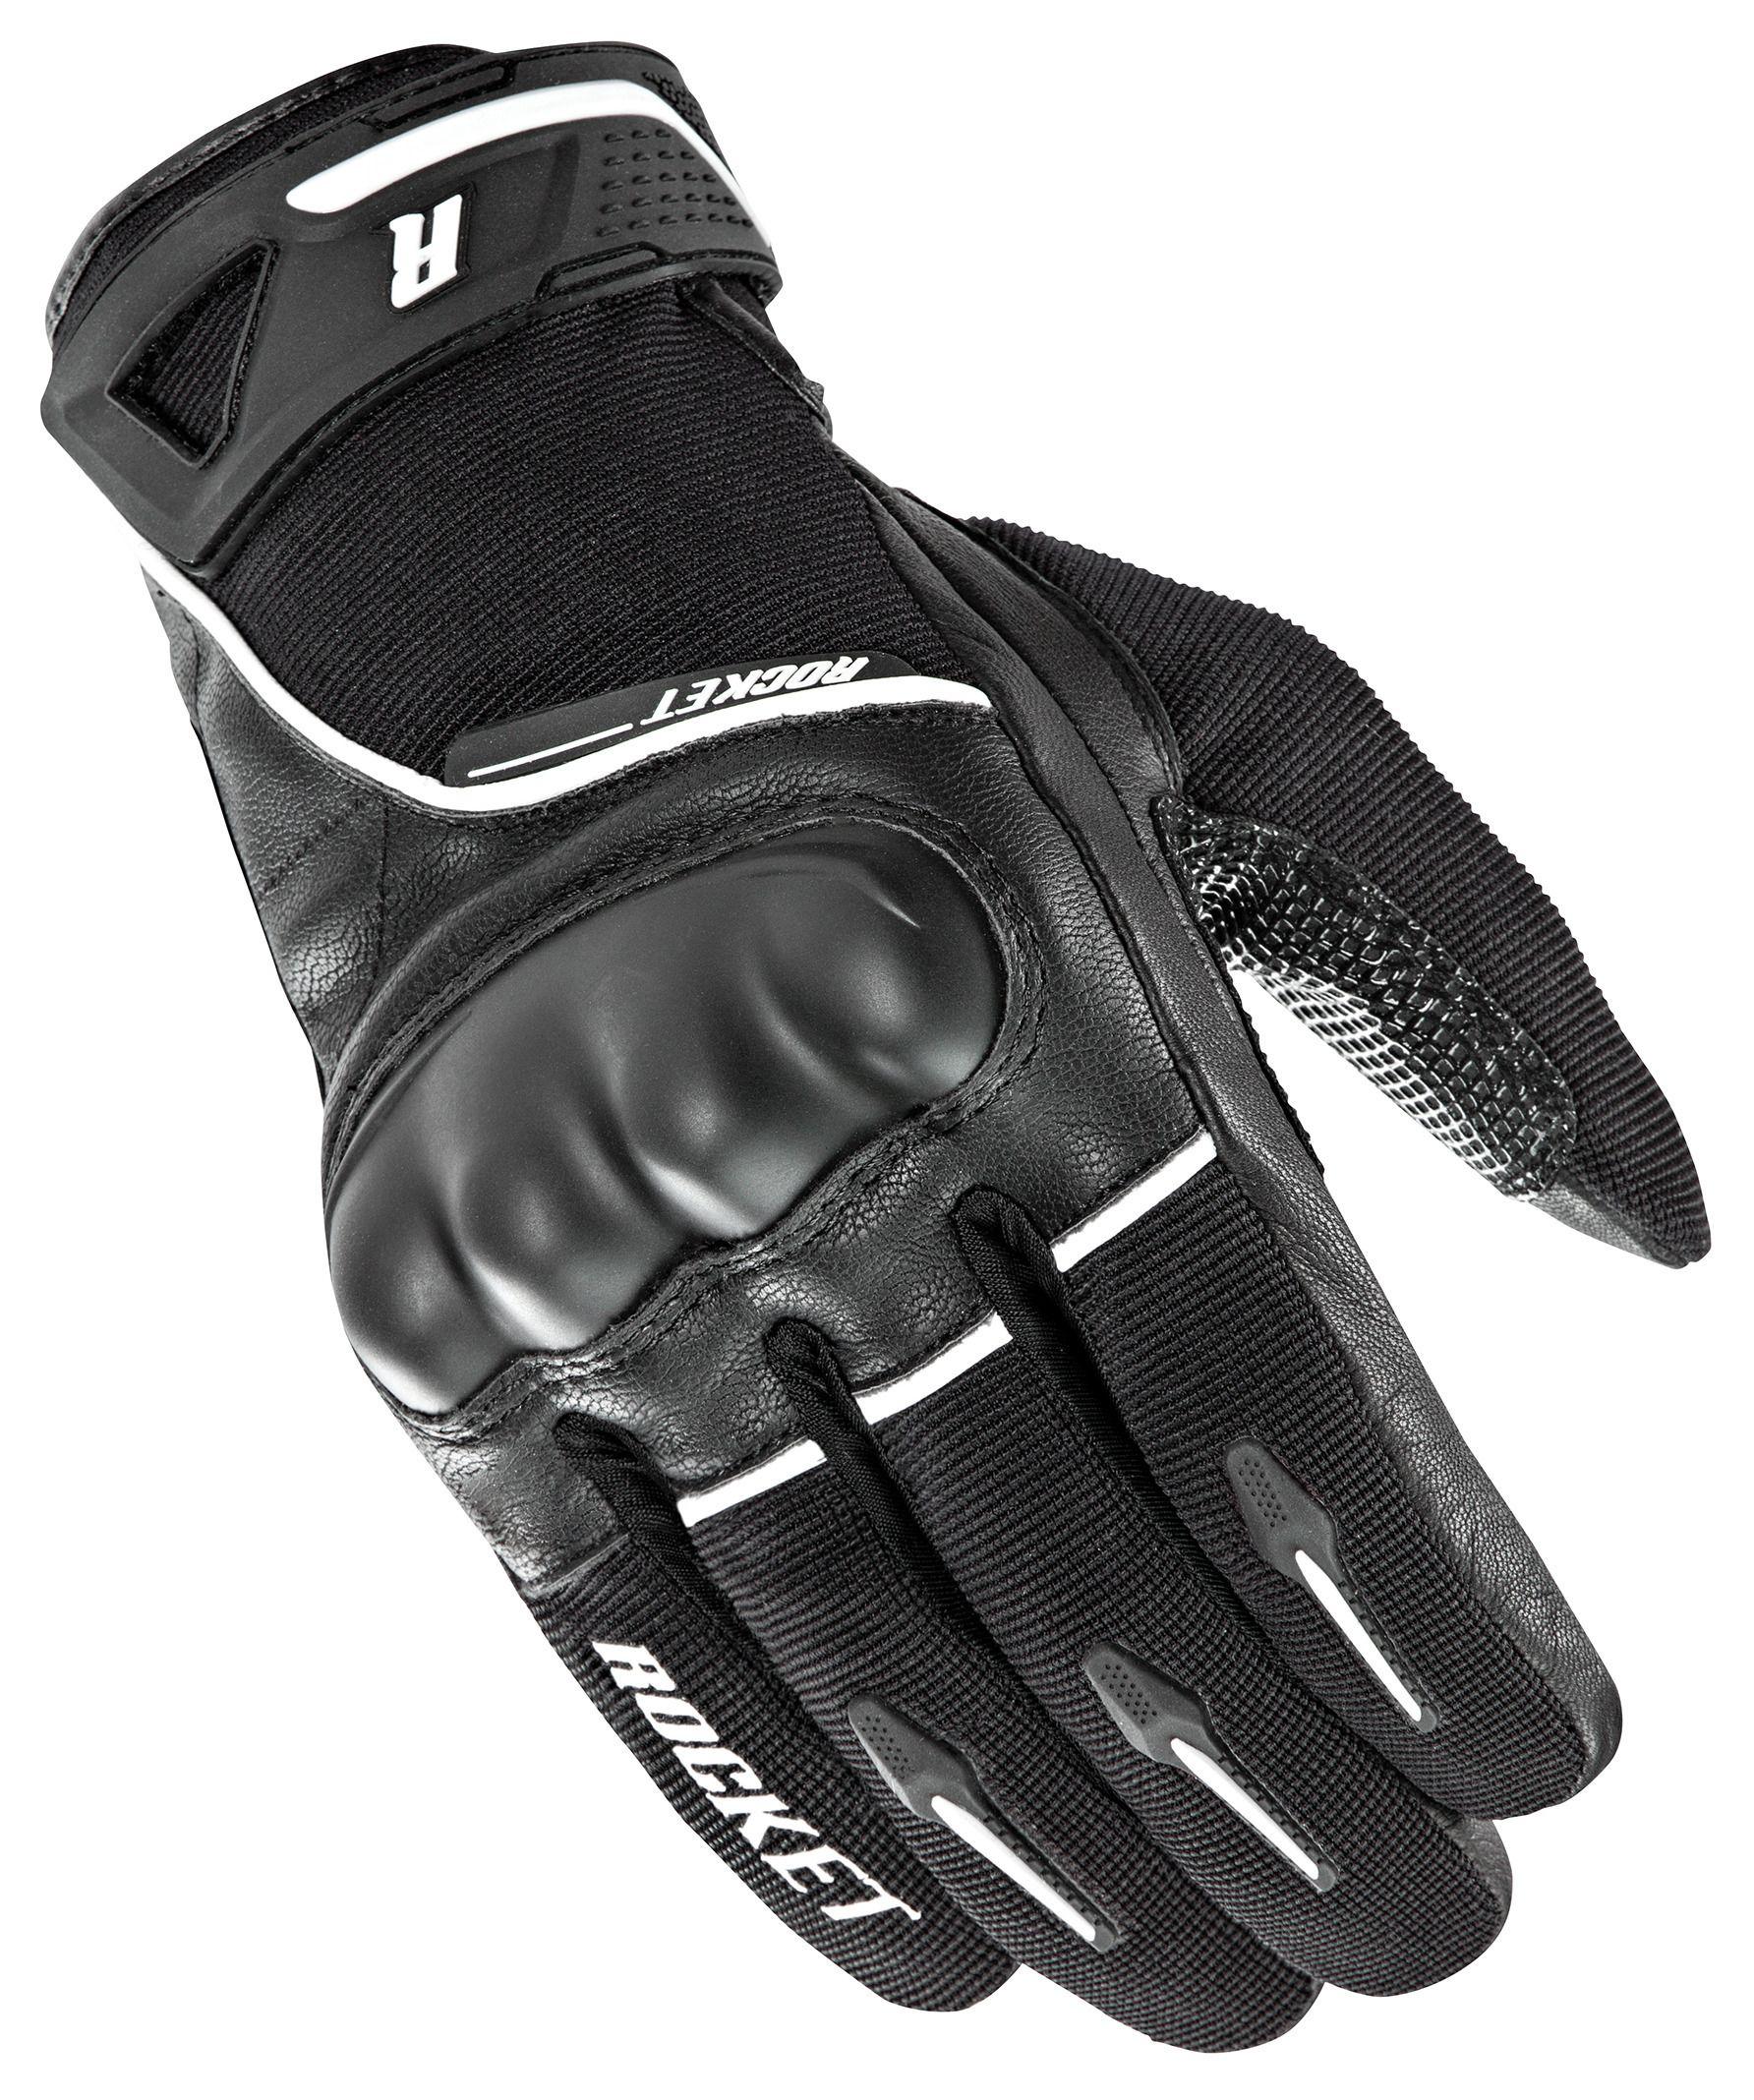 Black riding gloves - Black Riding Gloves 52